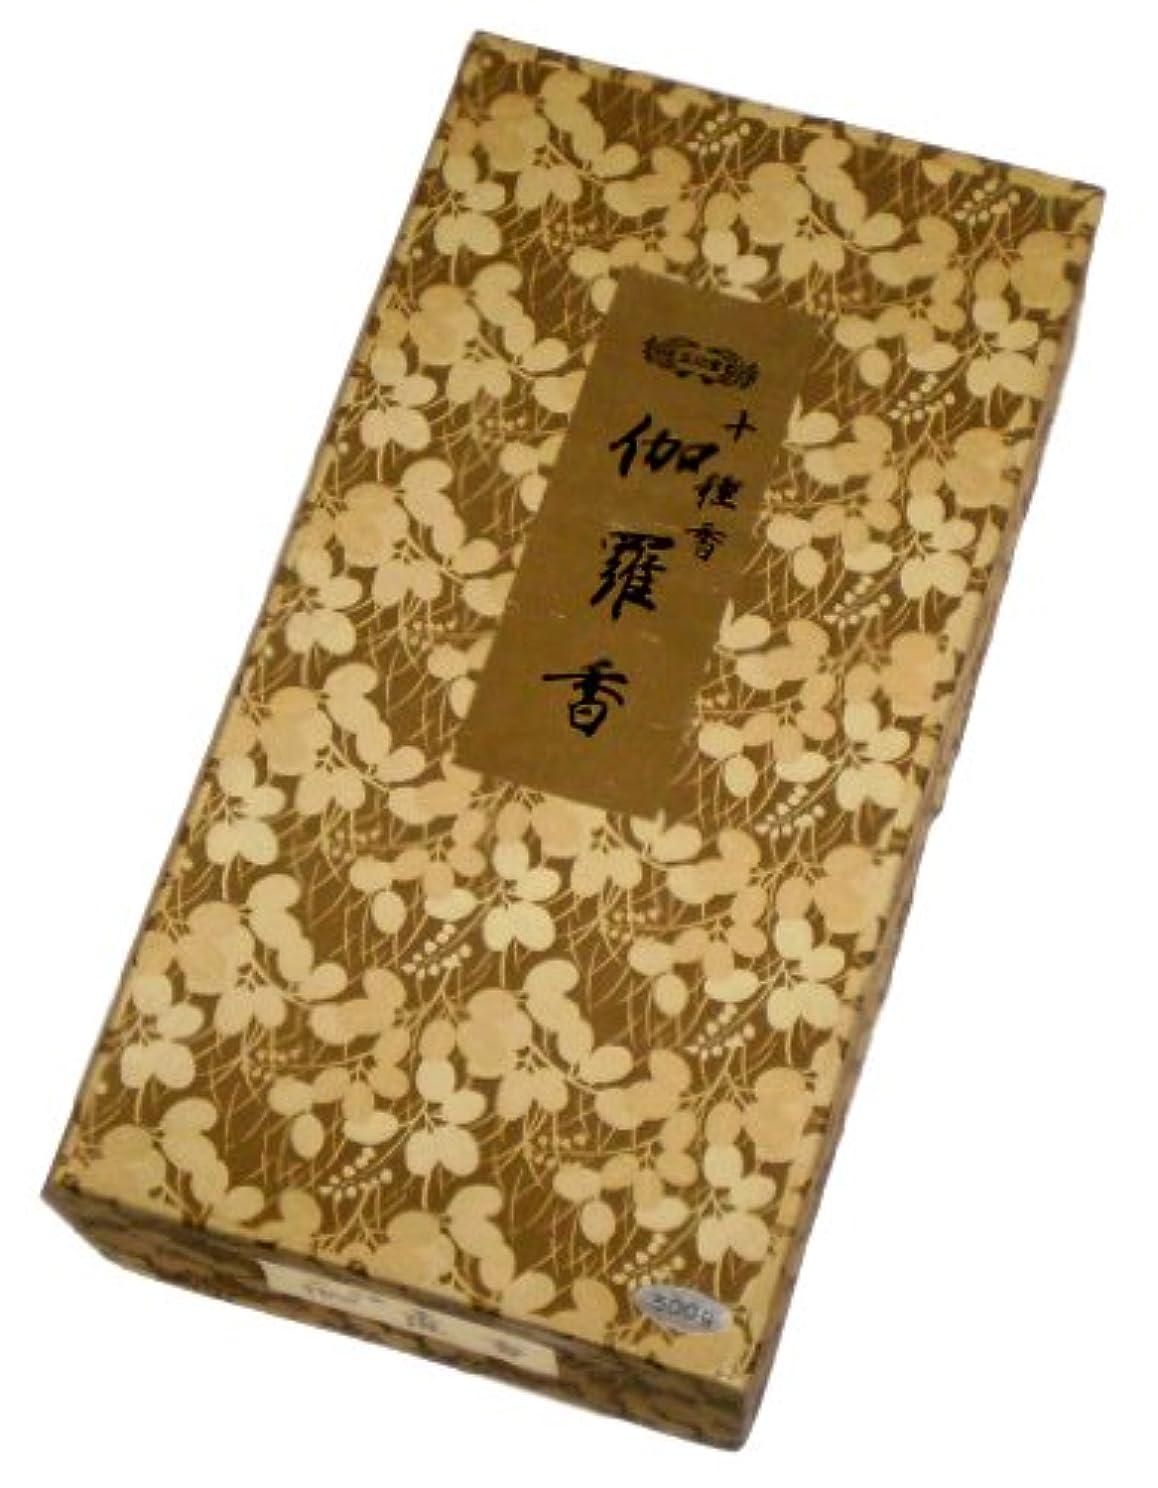 図ペインギリック大理石玉初堂のお香 伽羅香 500g #531